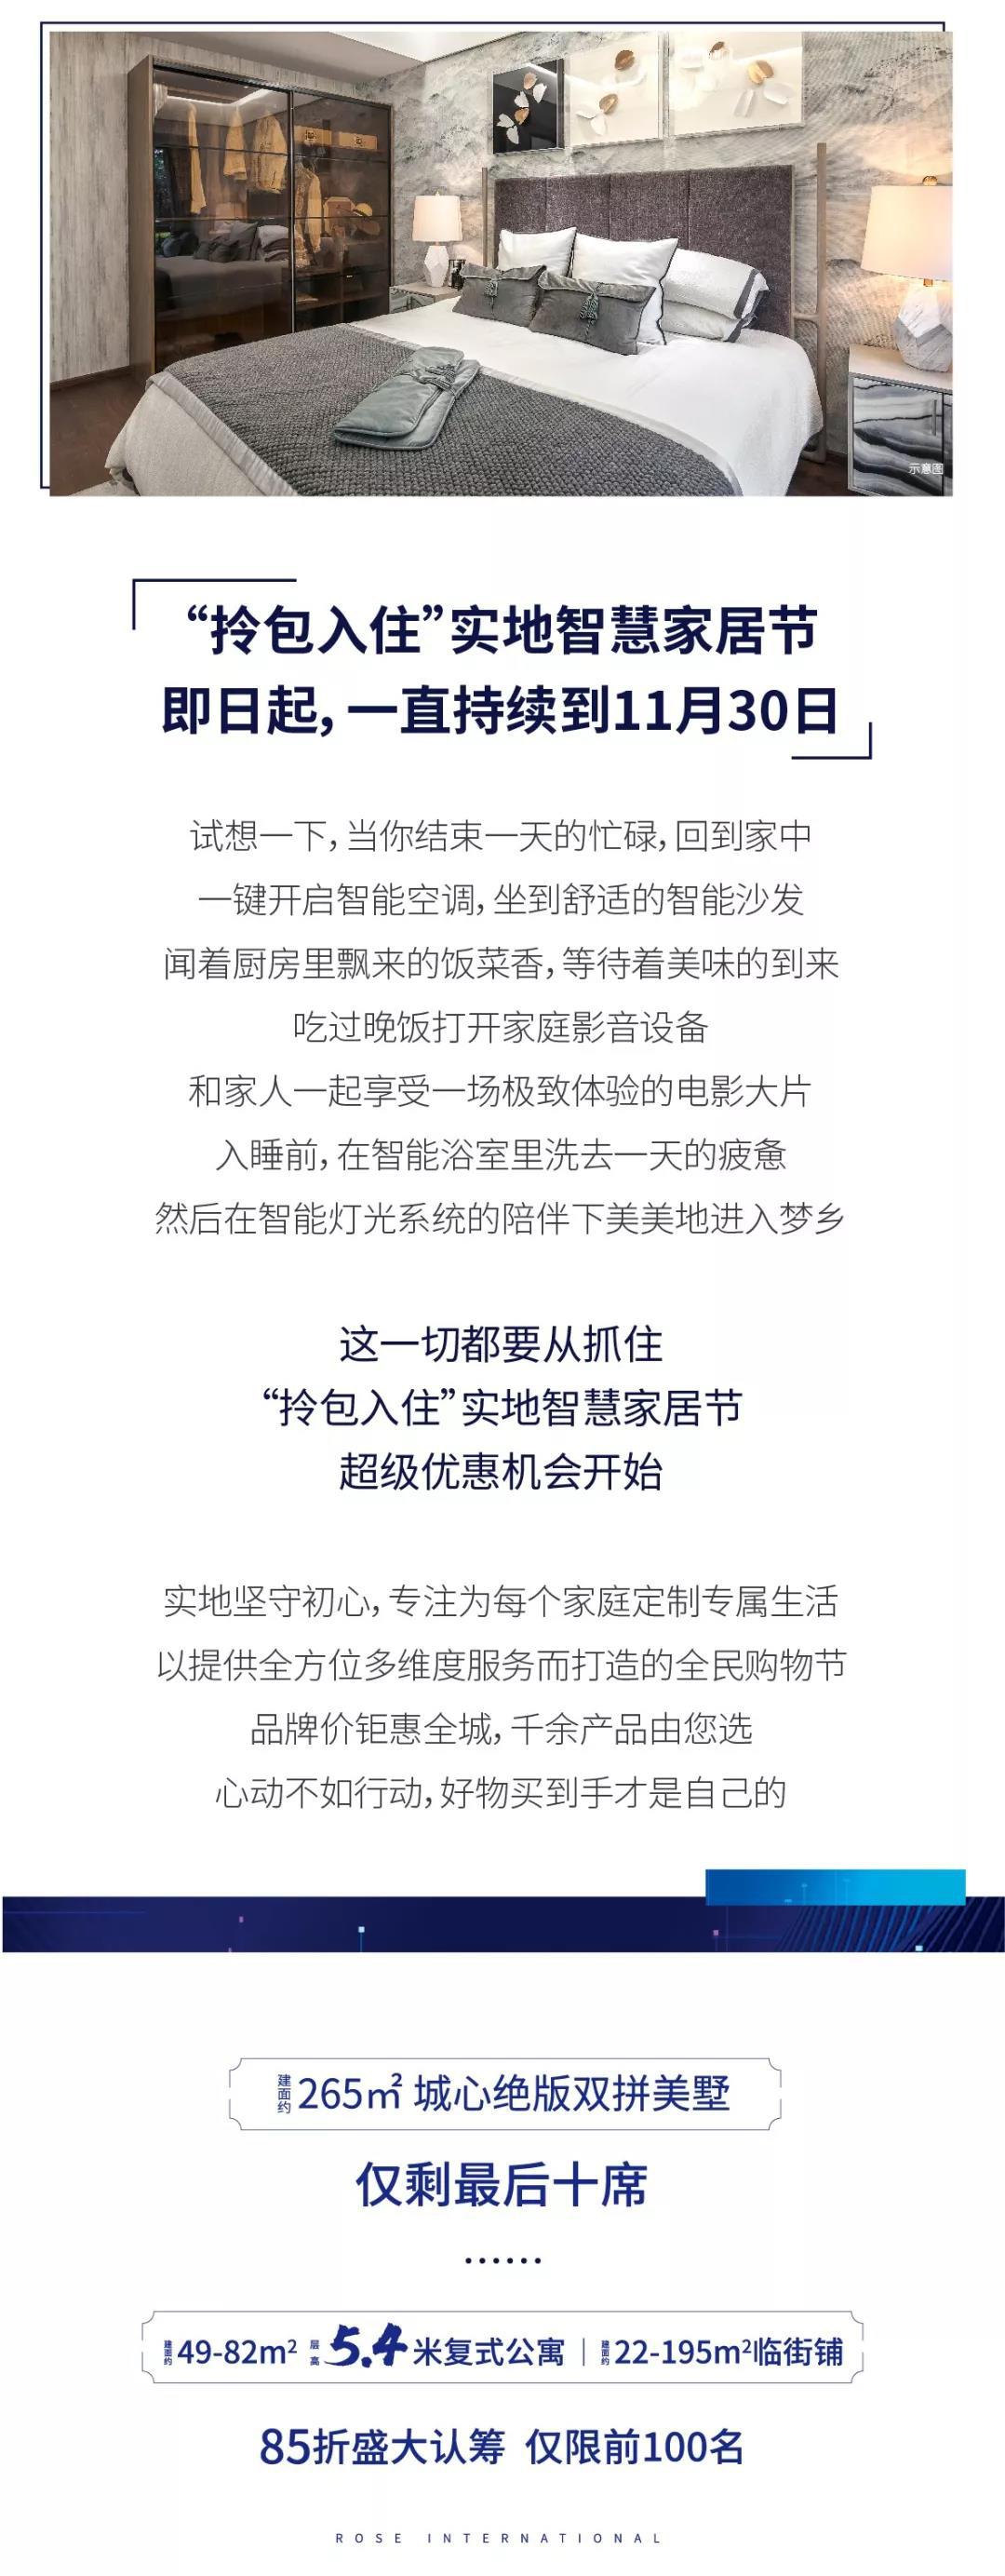 遵义实地蔷薇国际:智慧家居节 拎包入住惊喜折扣 最高92折-中国网地产